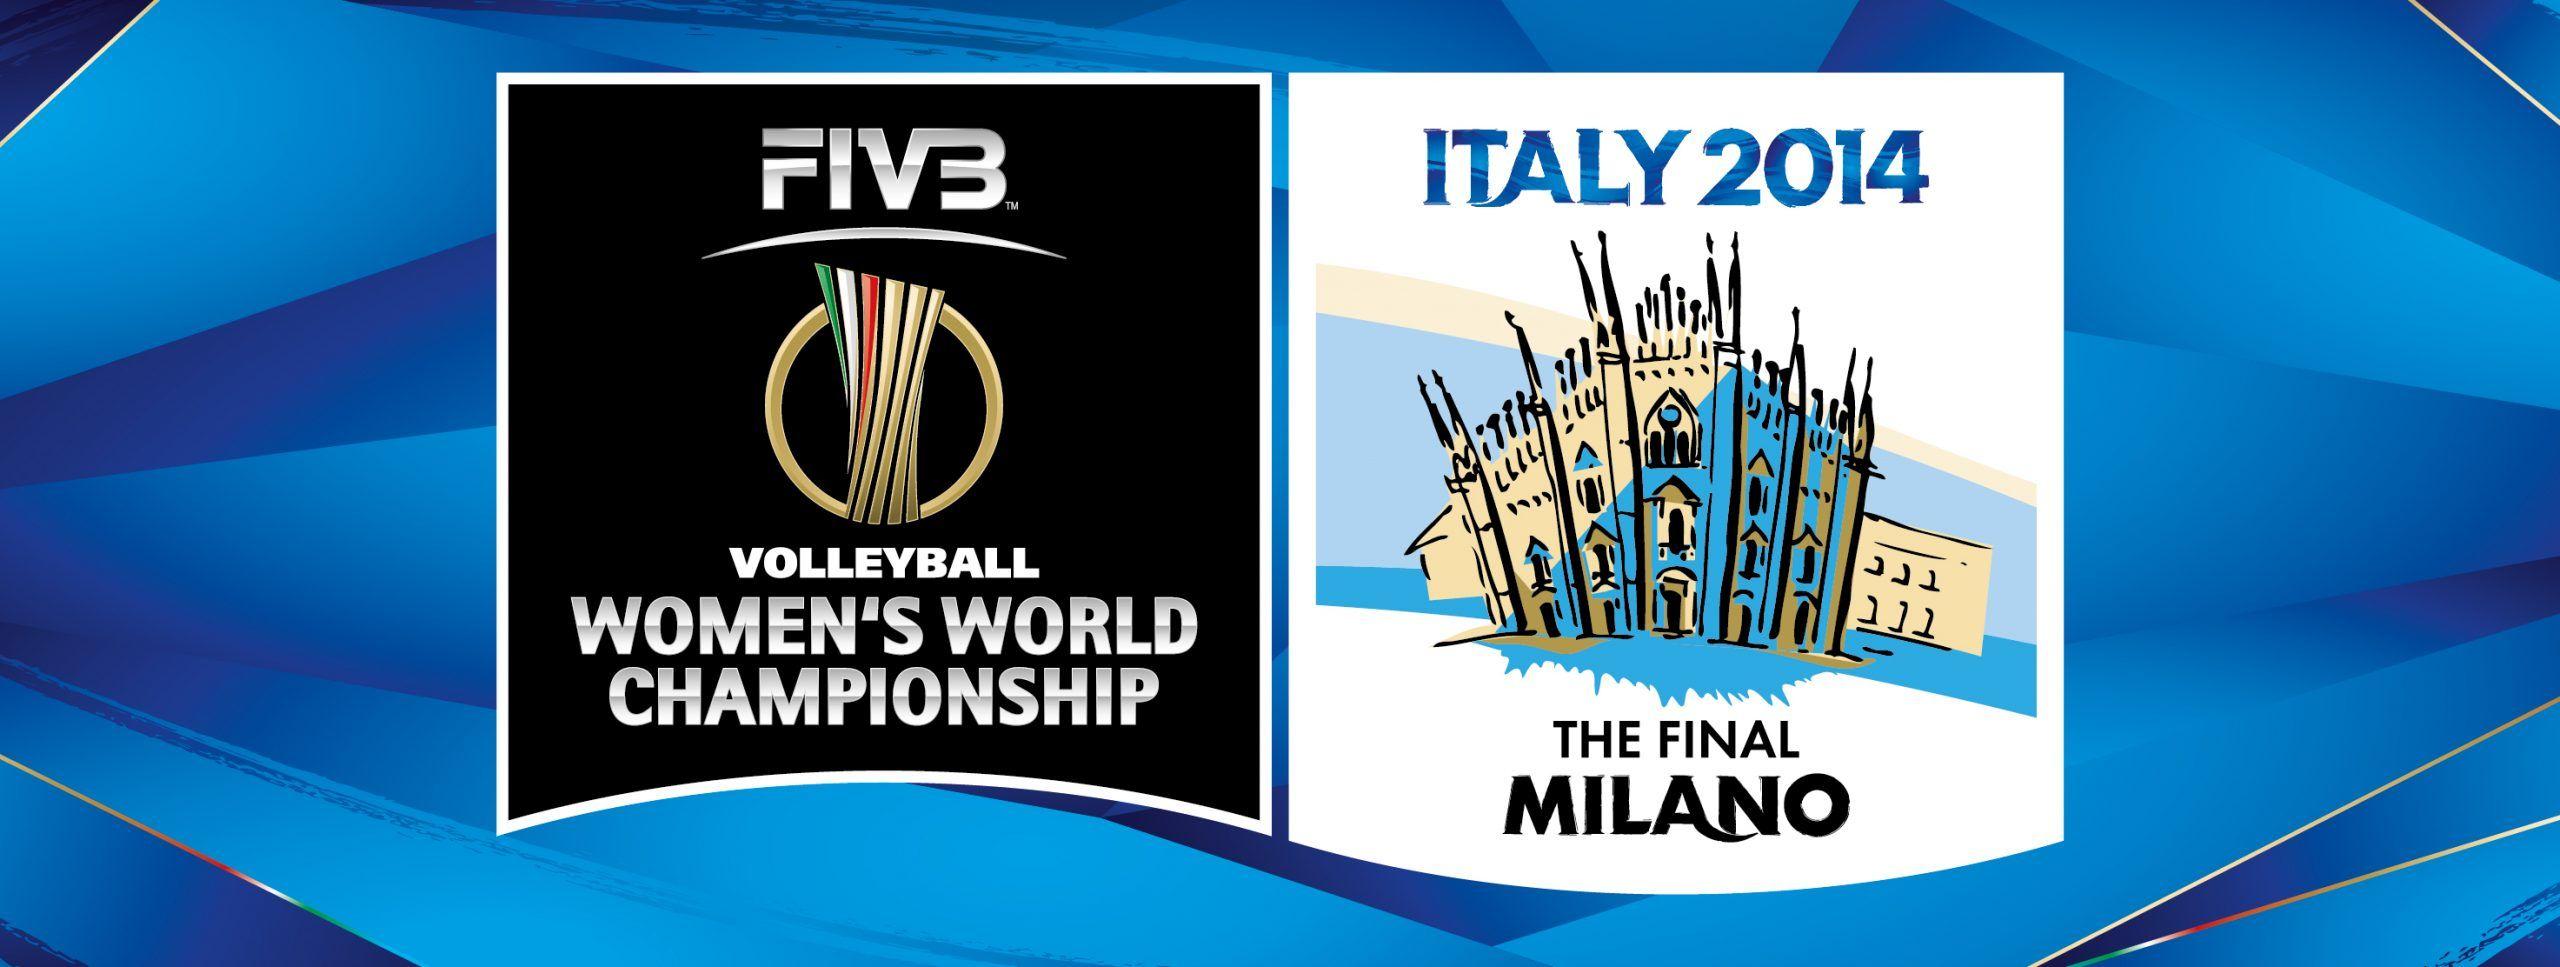 Mondiali Volley Femminile 2014: prezzi biglietti, date e calendario dell'Italia